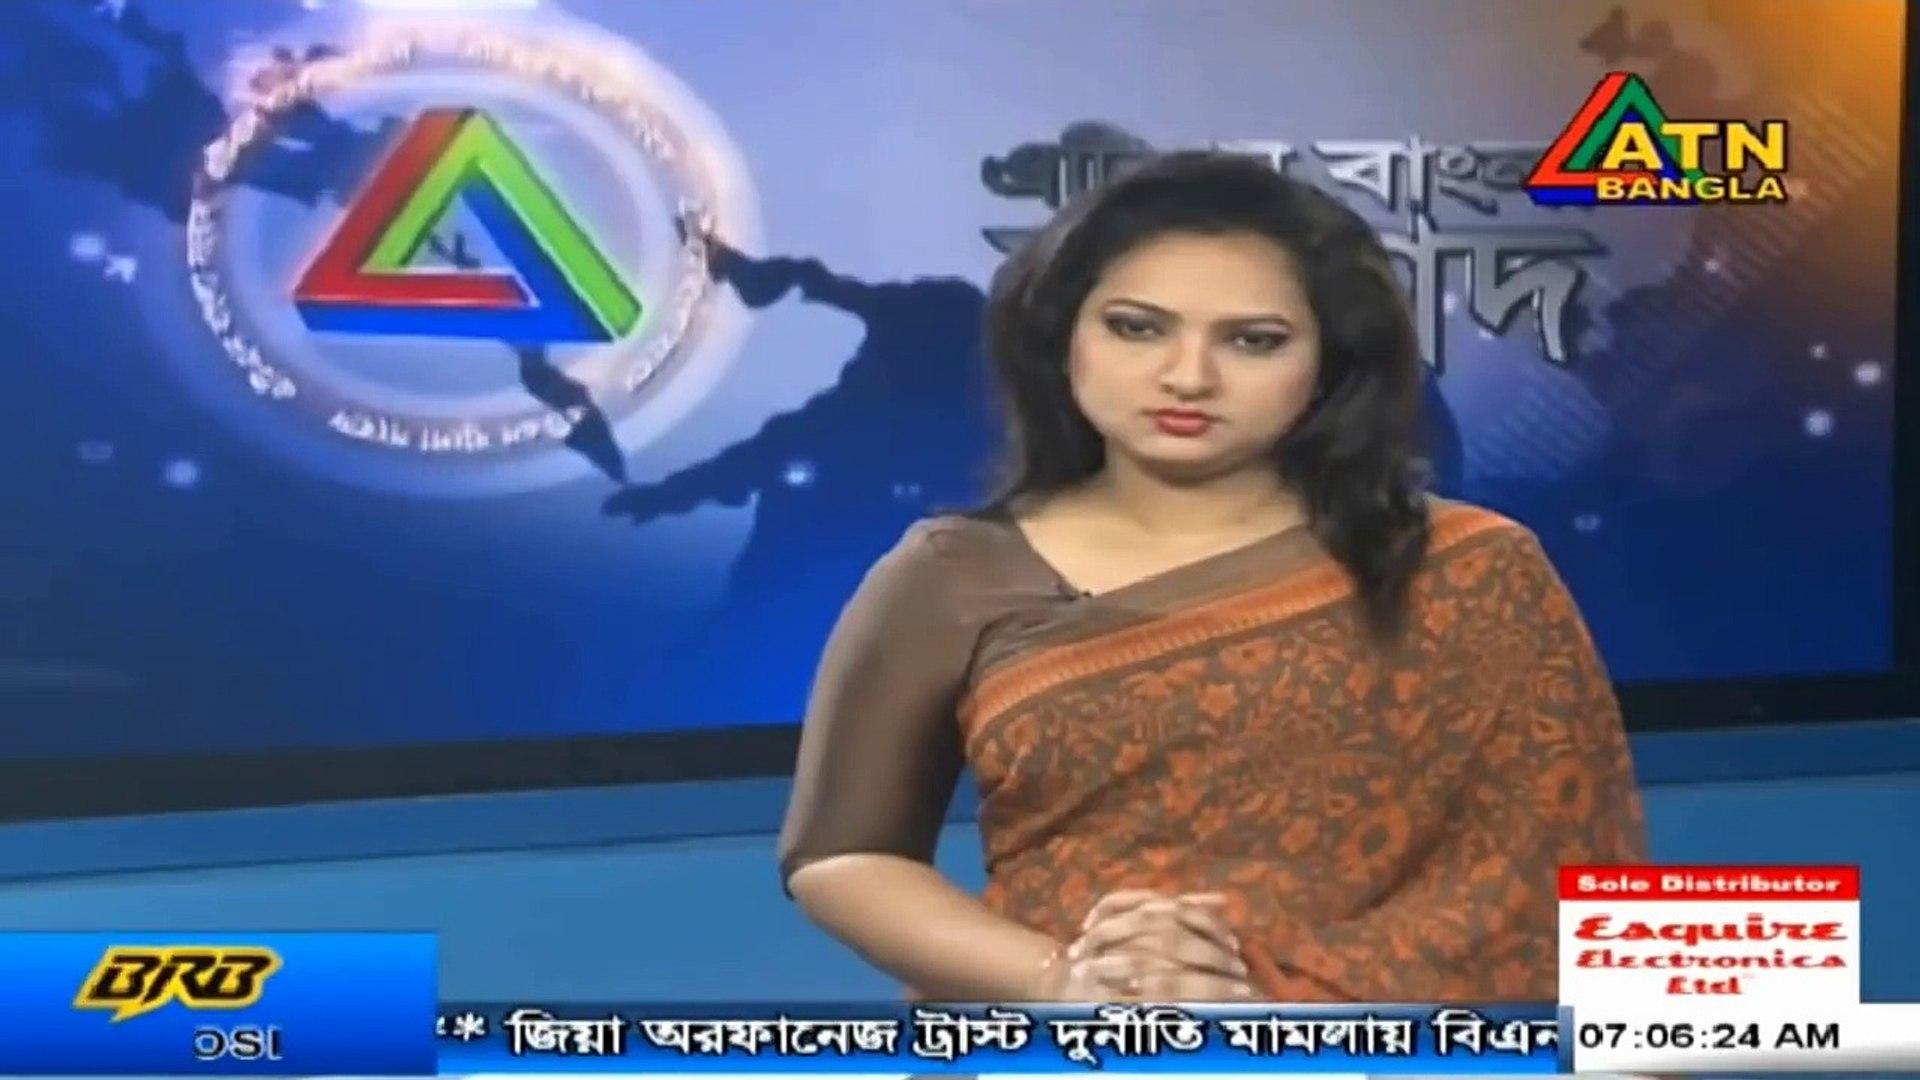 Bangla News Today on 10 May 2018 BD Online Latest Bengali News Morning  Breaking News all bangla news